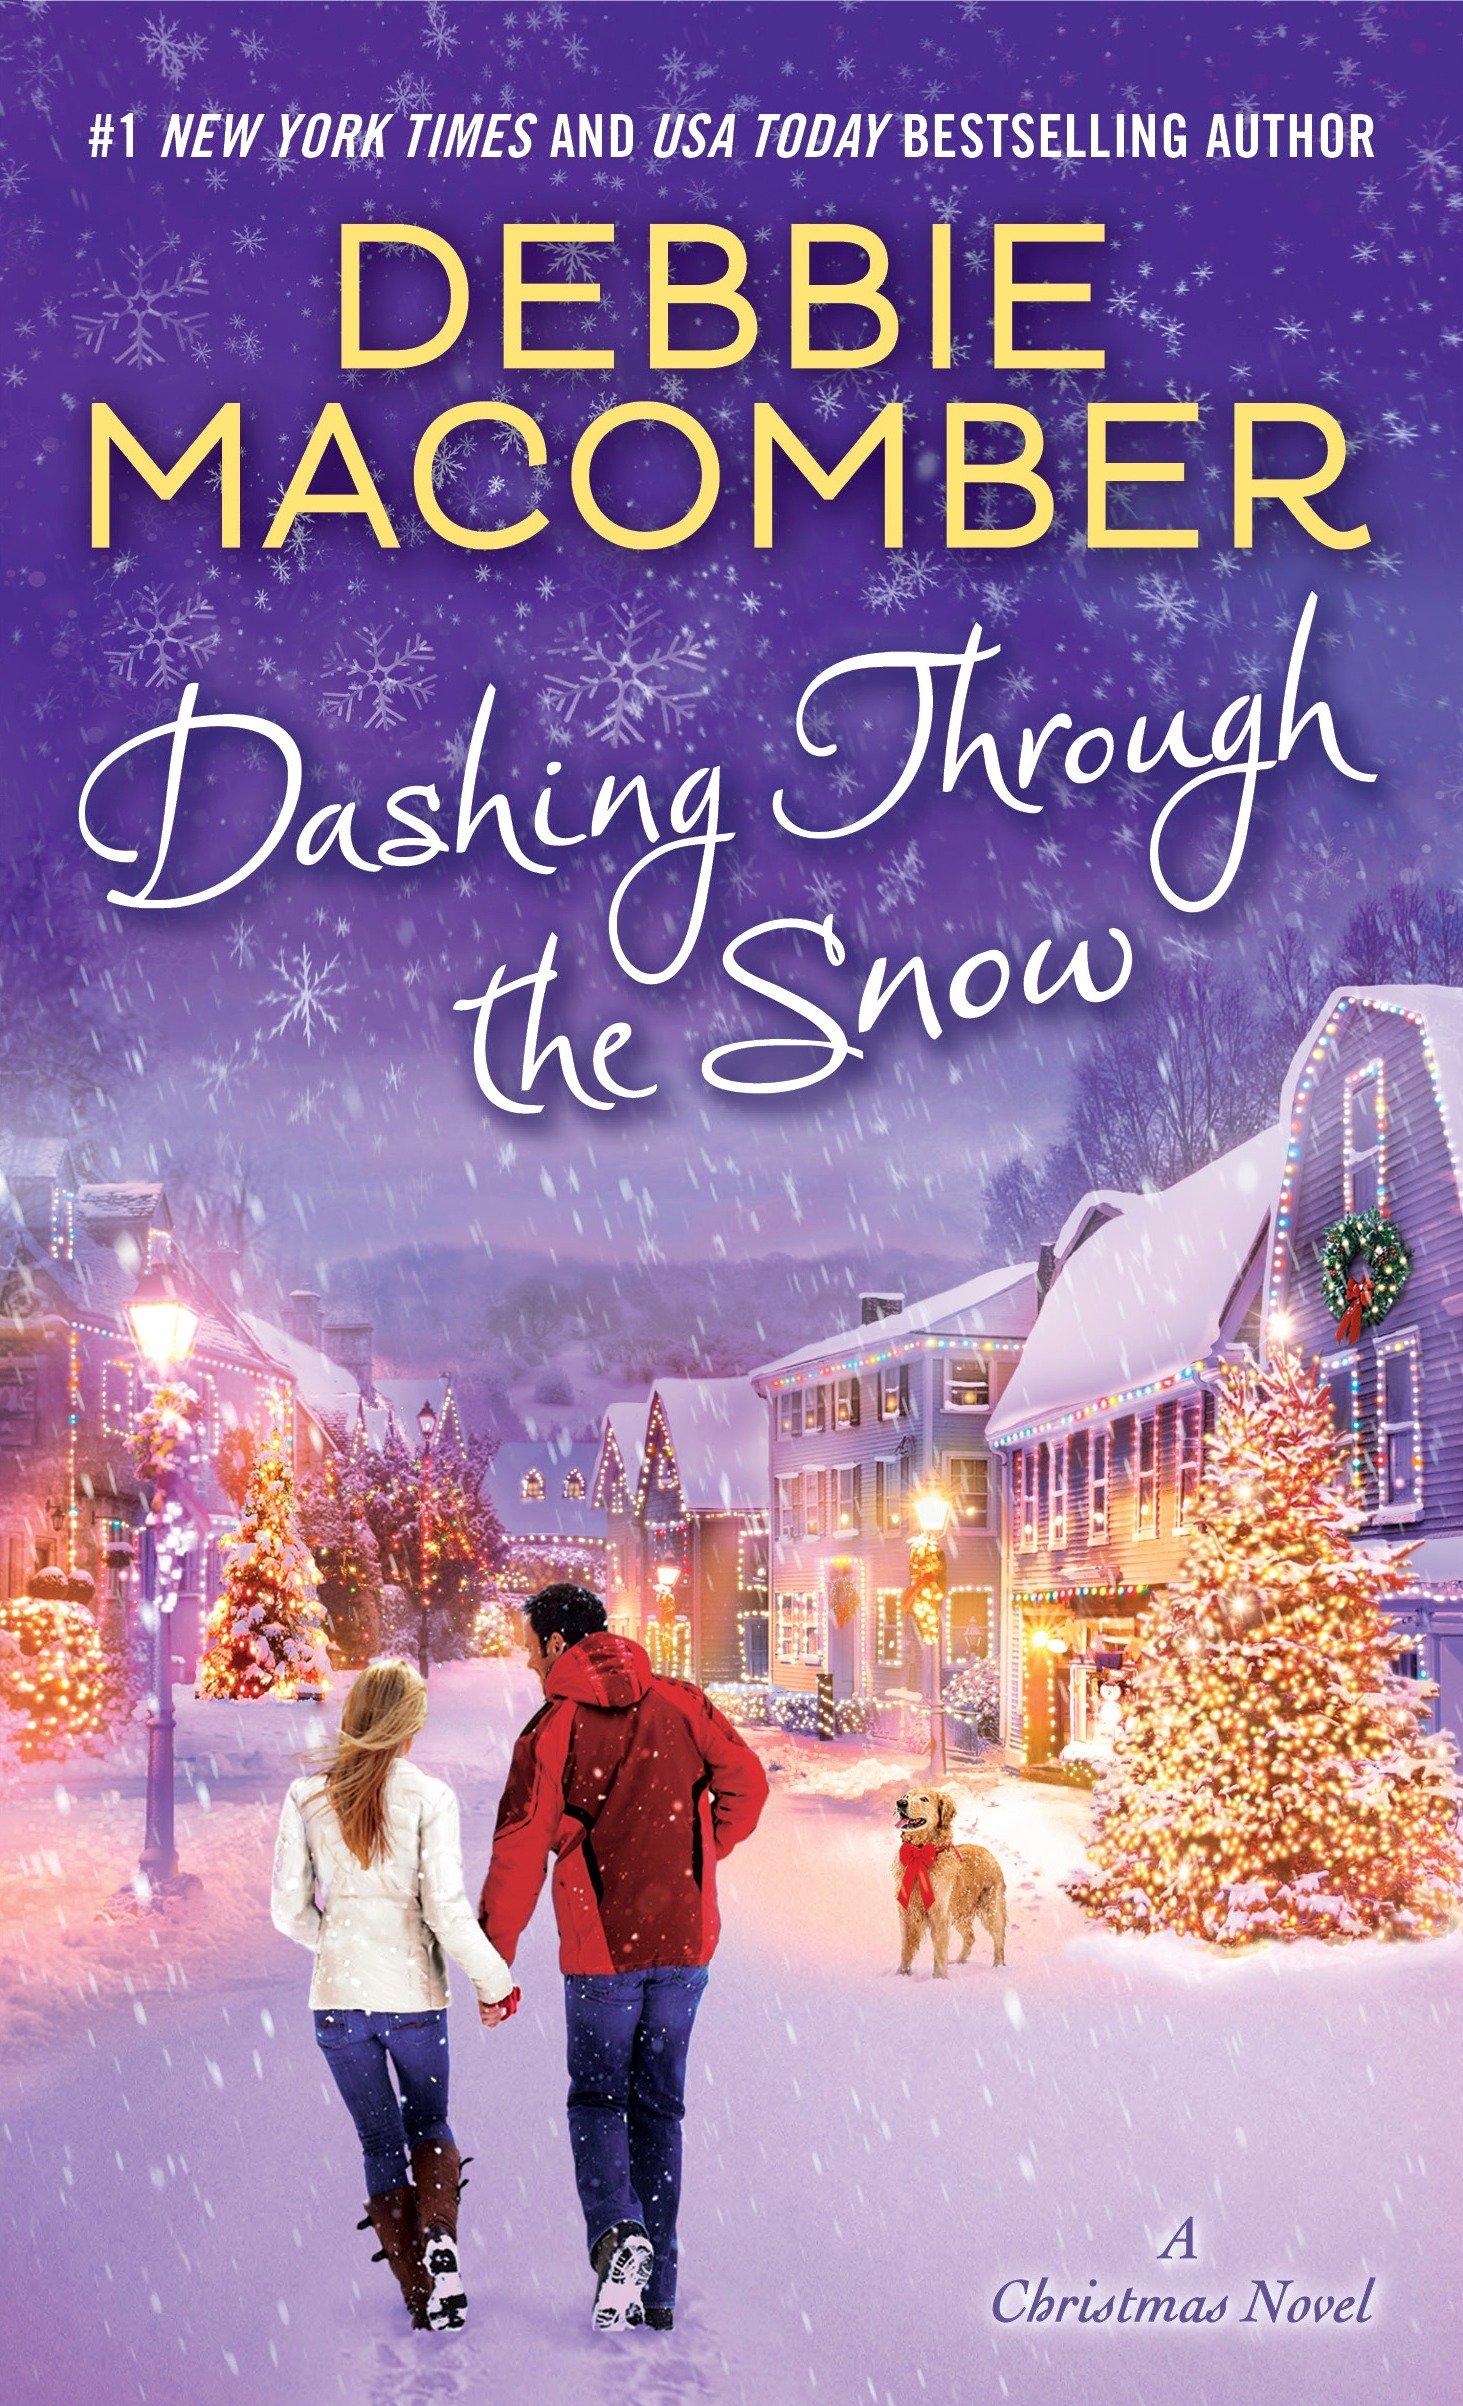 Dashing Through the Snow: A Christmas Novel